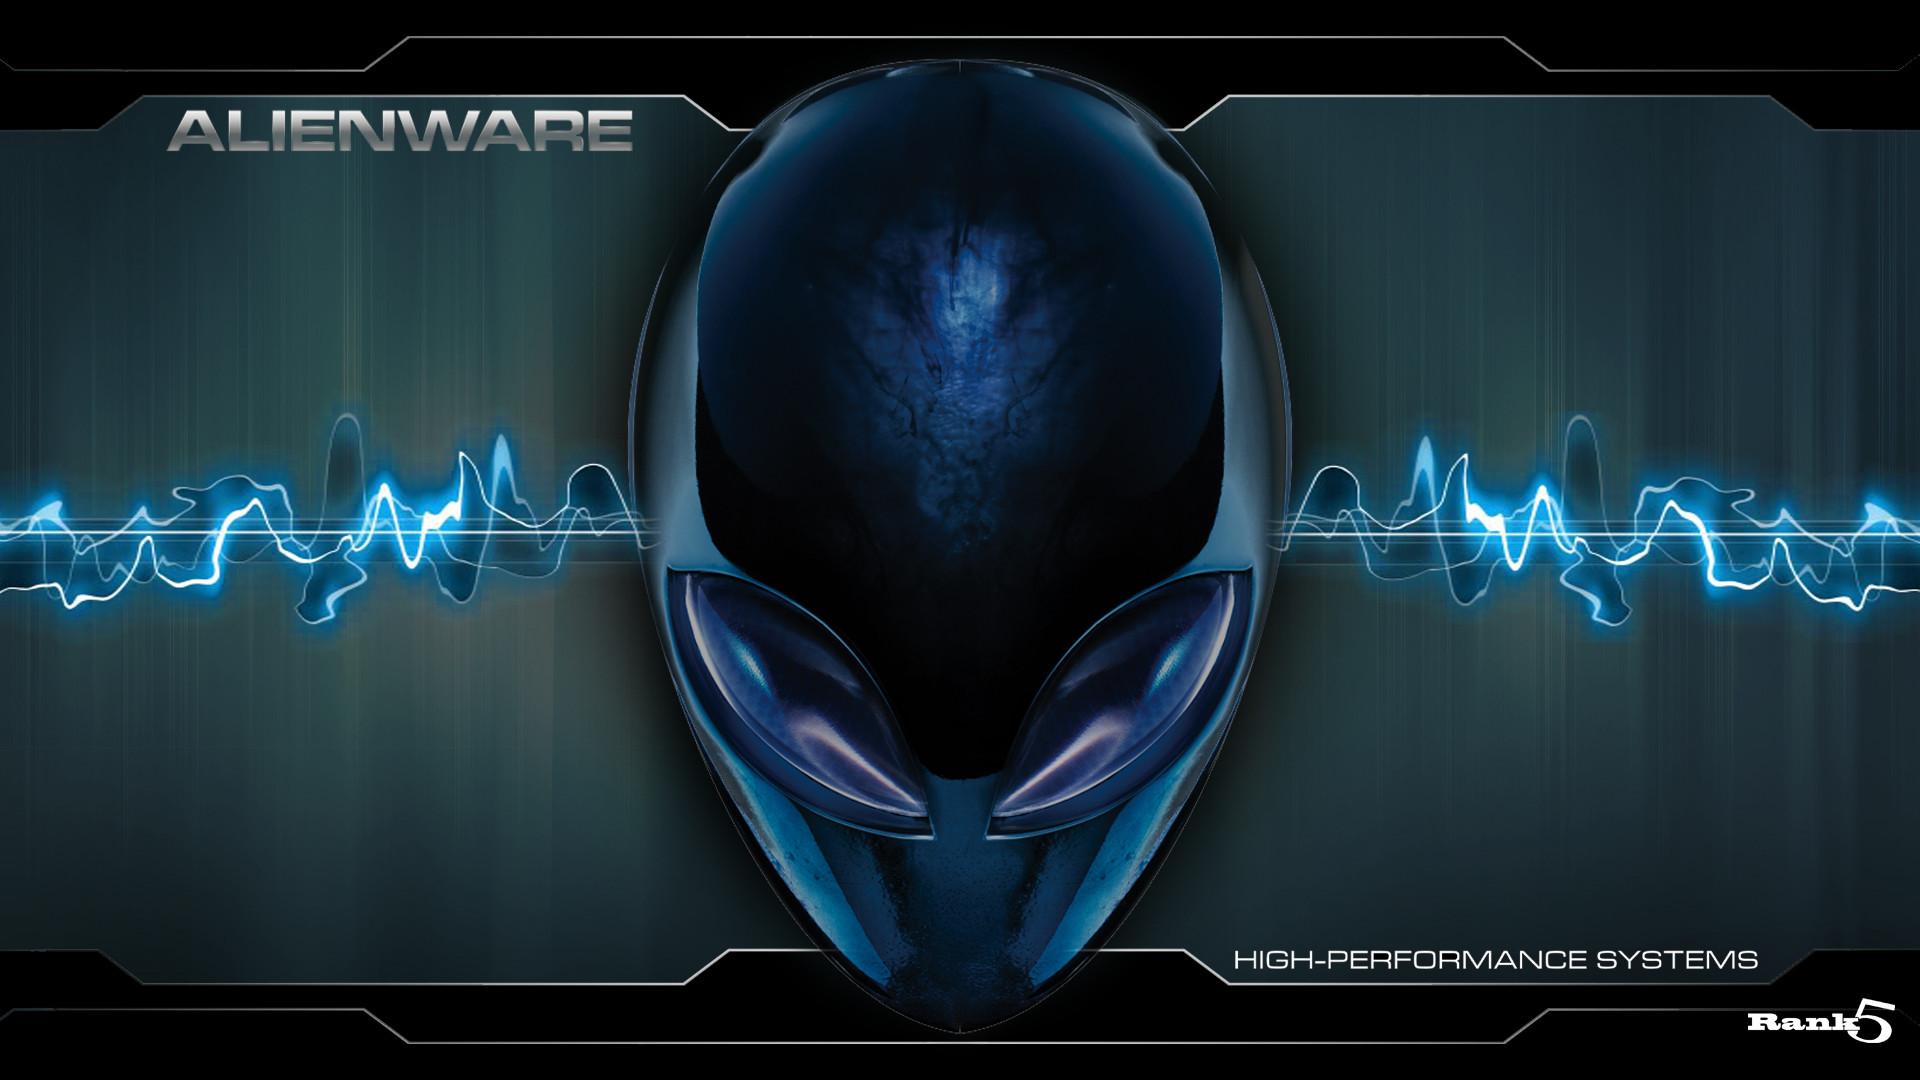 4k Alien Wallpaper Photo Theme Pc Windows 7 112773 Hd